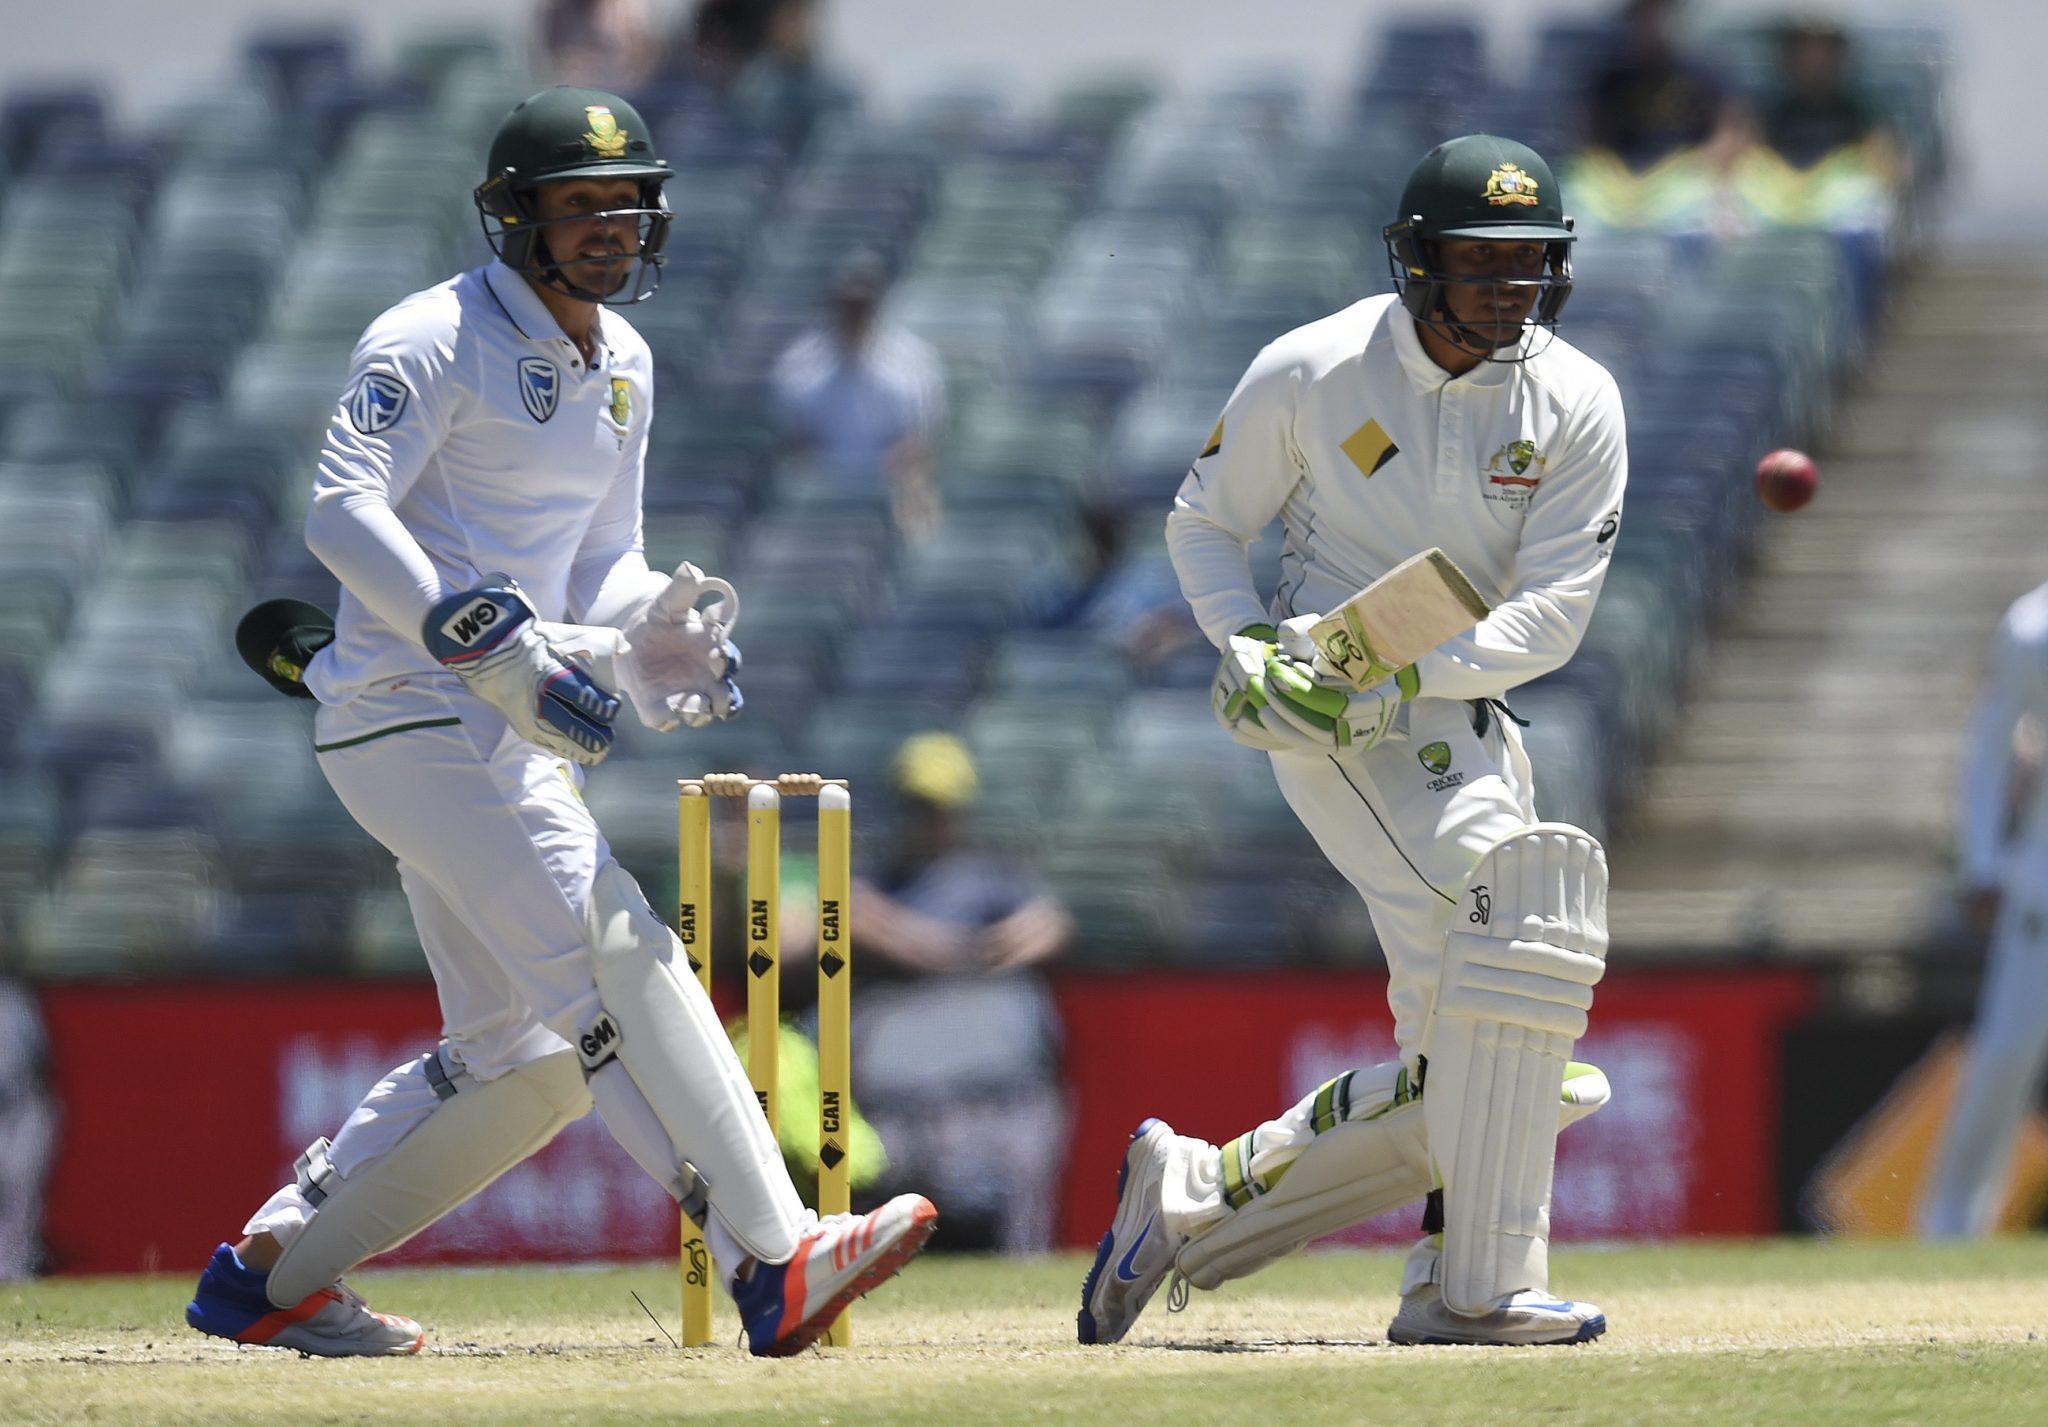 Australia: towarzyski mecz krykieta pomiędzy reprezentacją Australii a Republiką Południowej Afryki (foto. PAP/EPA/DAVE HUNT)